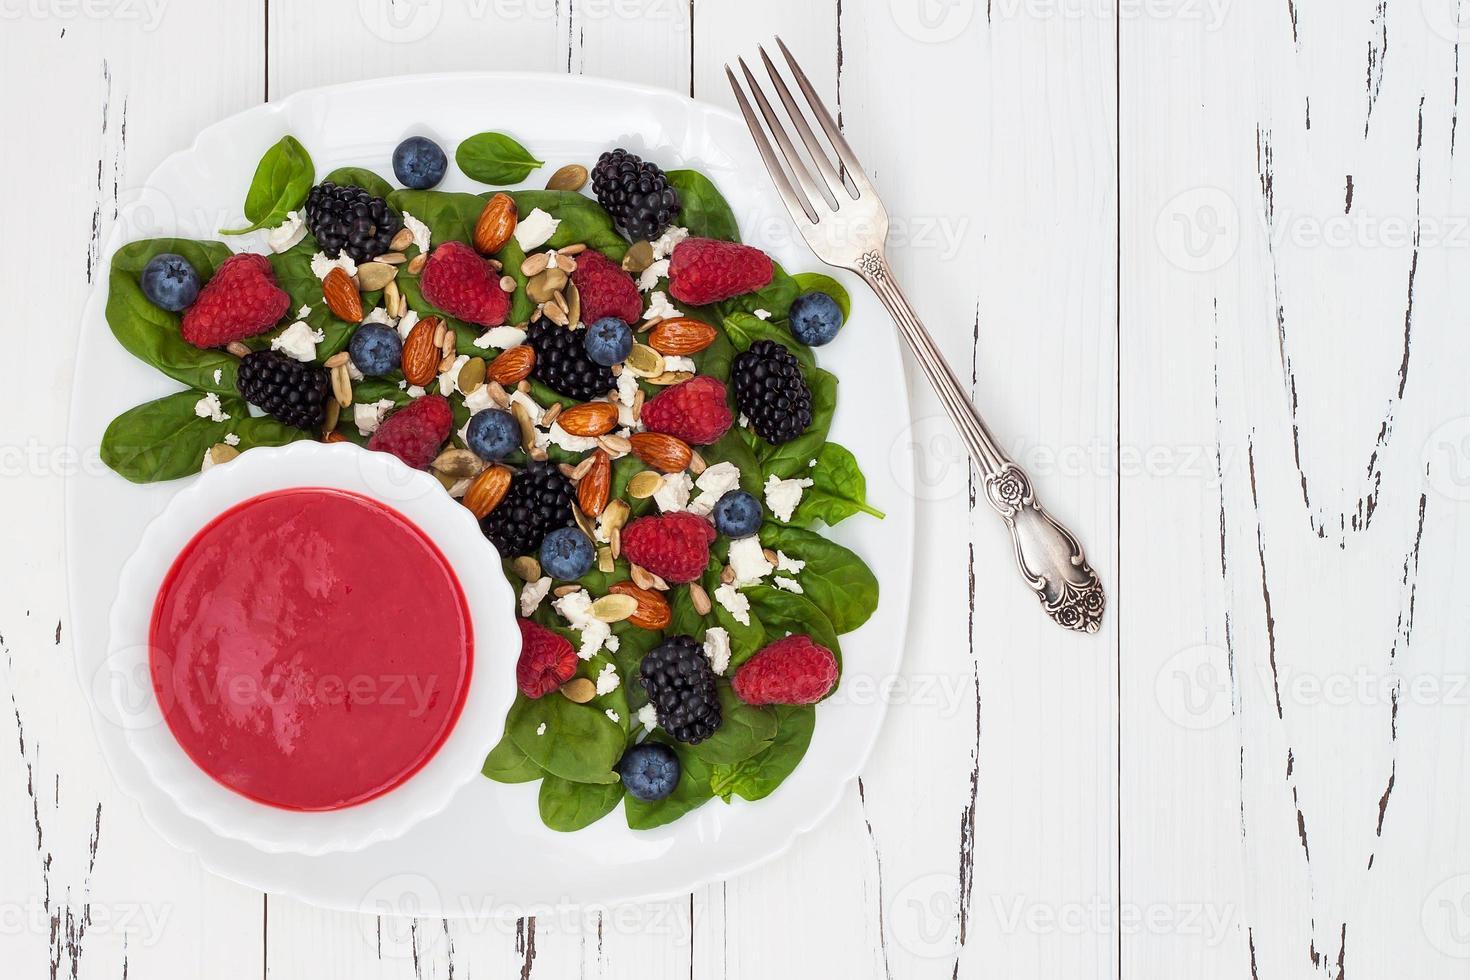 insalata mista di frutti di bosco con mandorle, feta e vinaigrette di lamponi foto